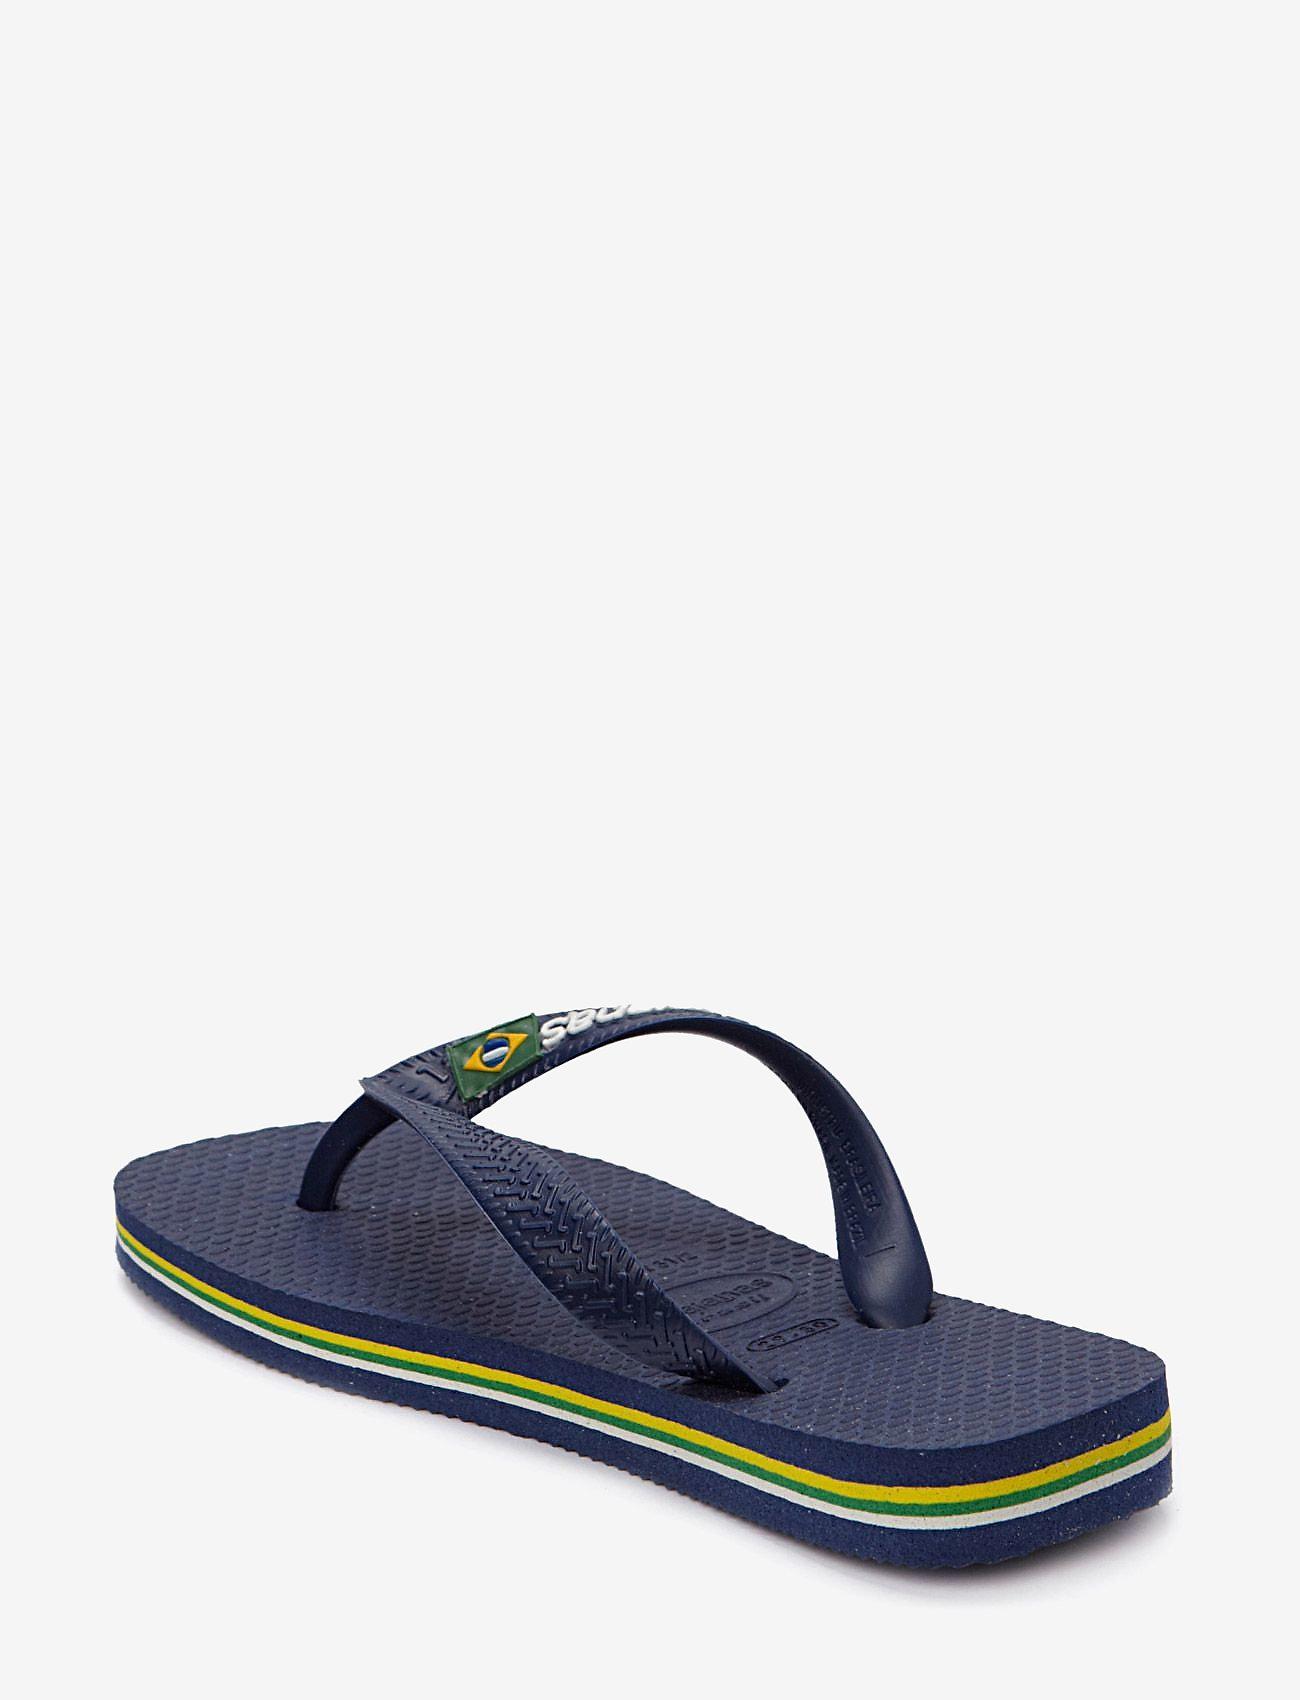 Havaianas - BRASIL LOGO FLIP FLOP - flip flops & watershoes - blue - 1